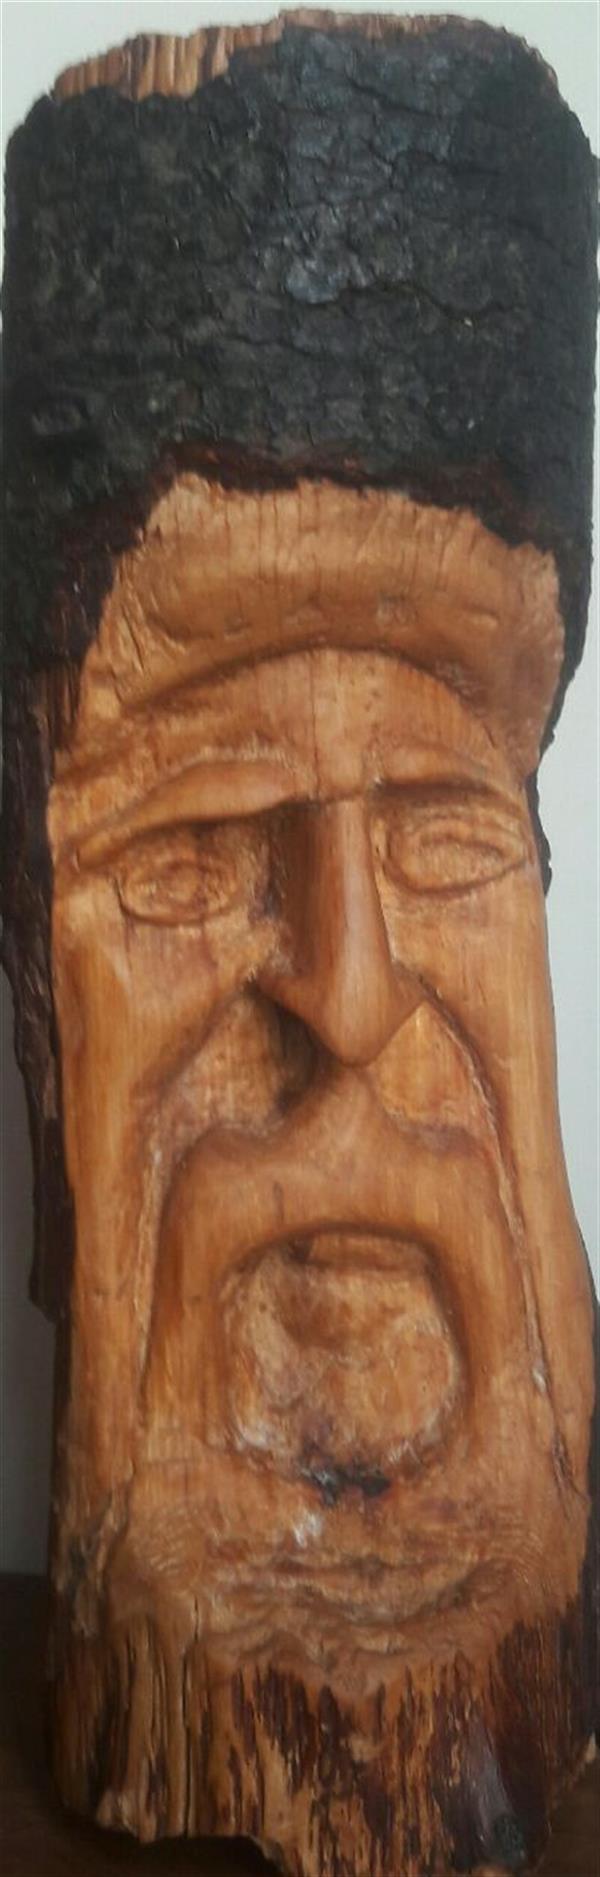 هنر سایر محفل سایر هنر ها محمد امام داد #چوب جنگل شمال